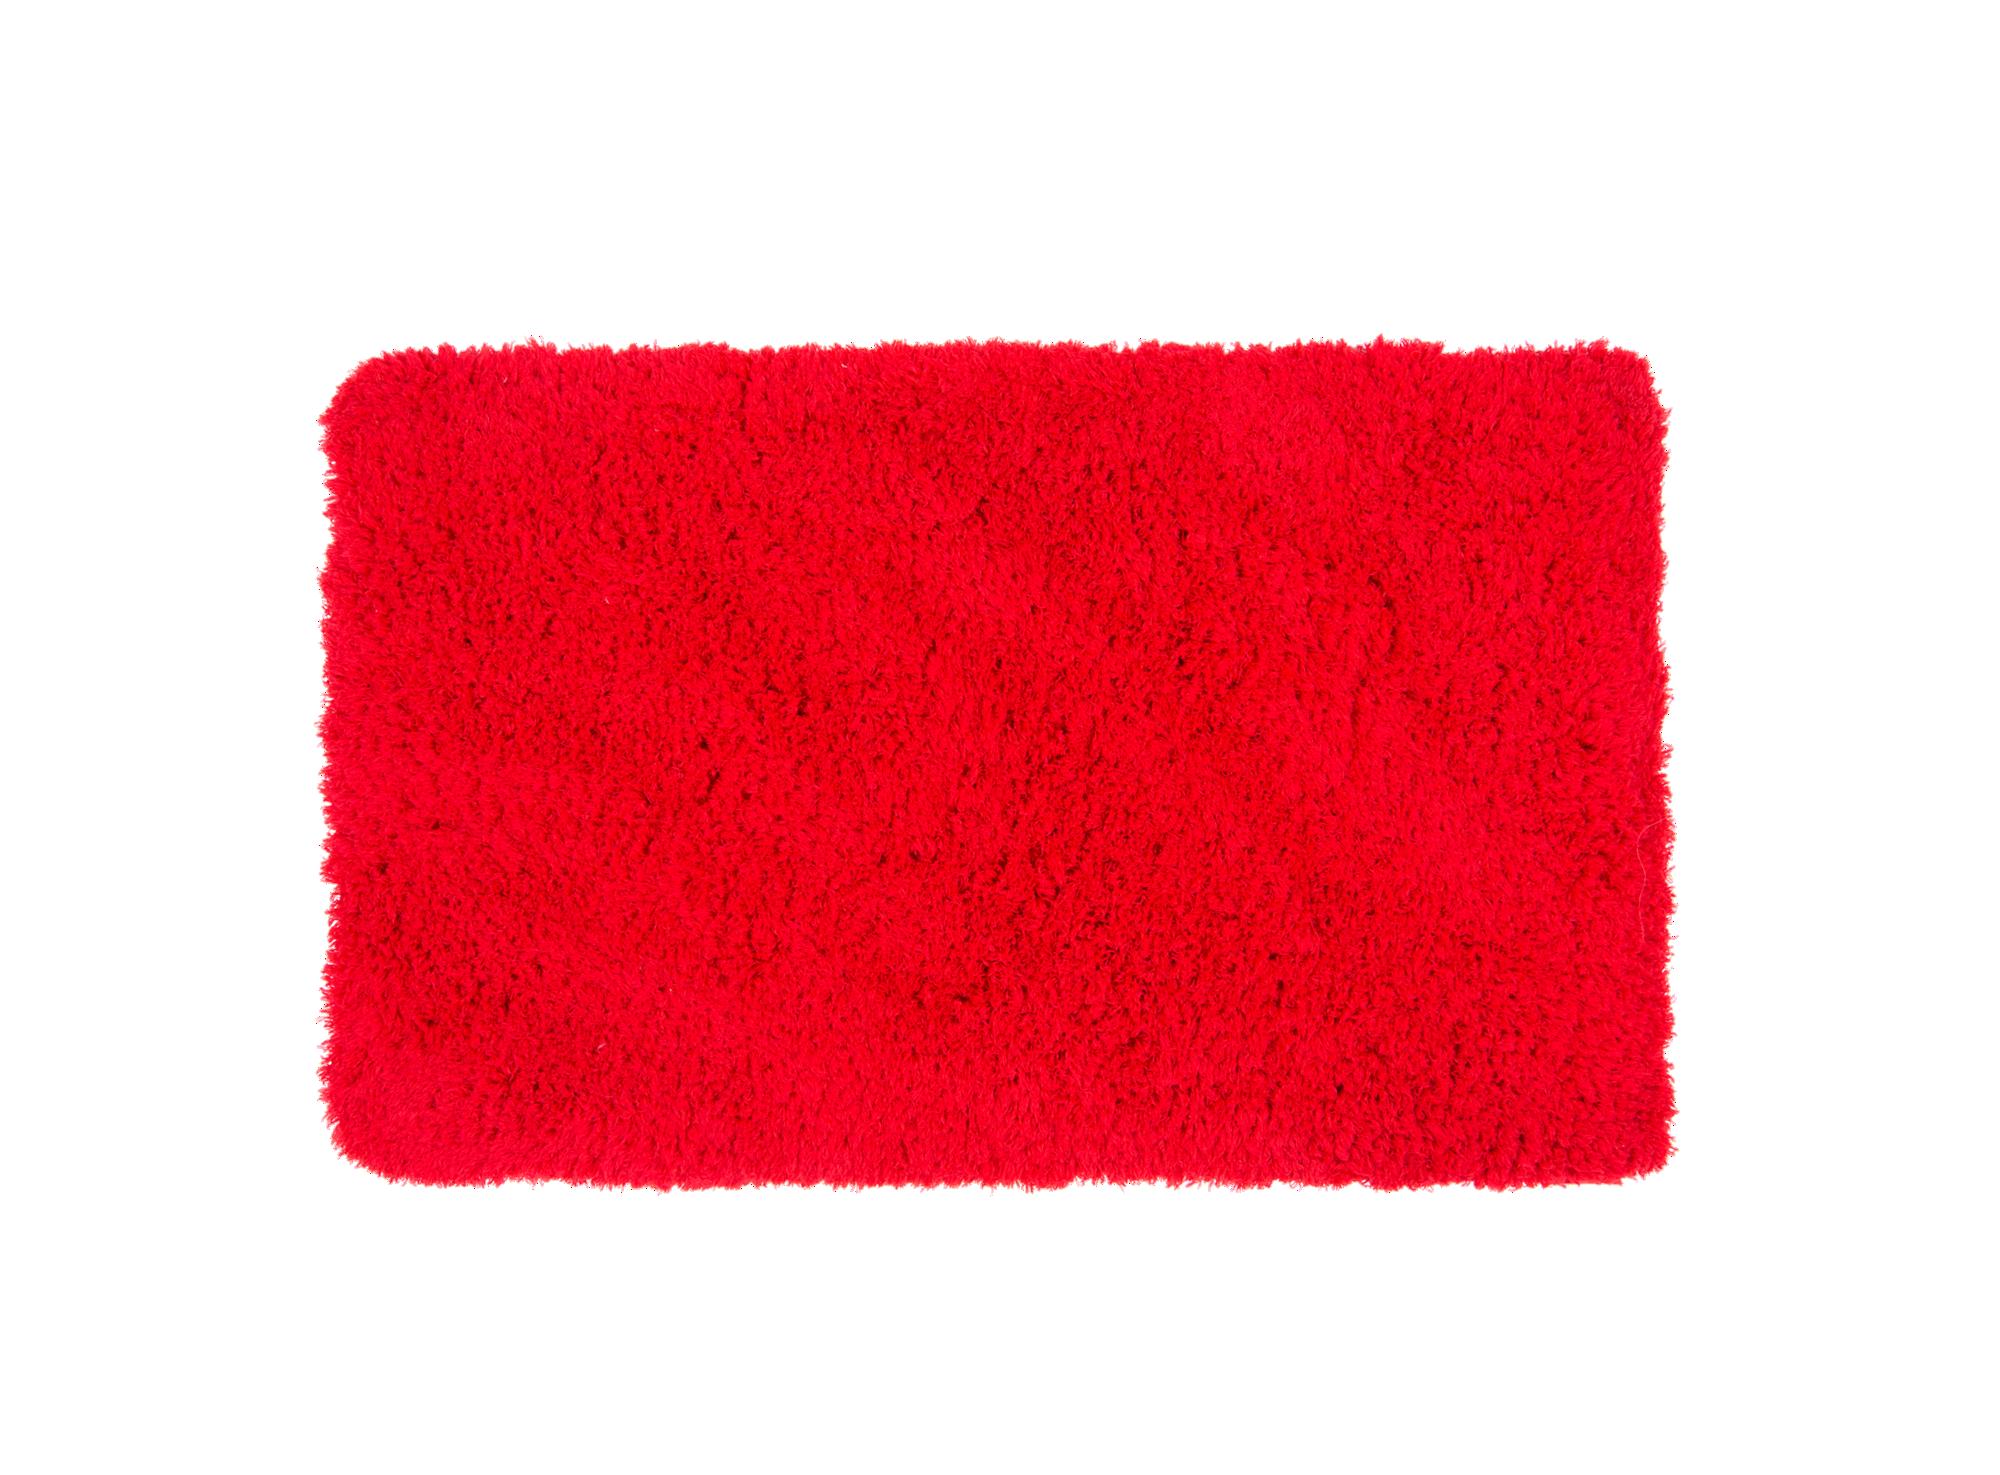 Tapis 50x80 100% polyester coloris rouge densite 1100gr/m2 lavable m ...